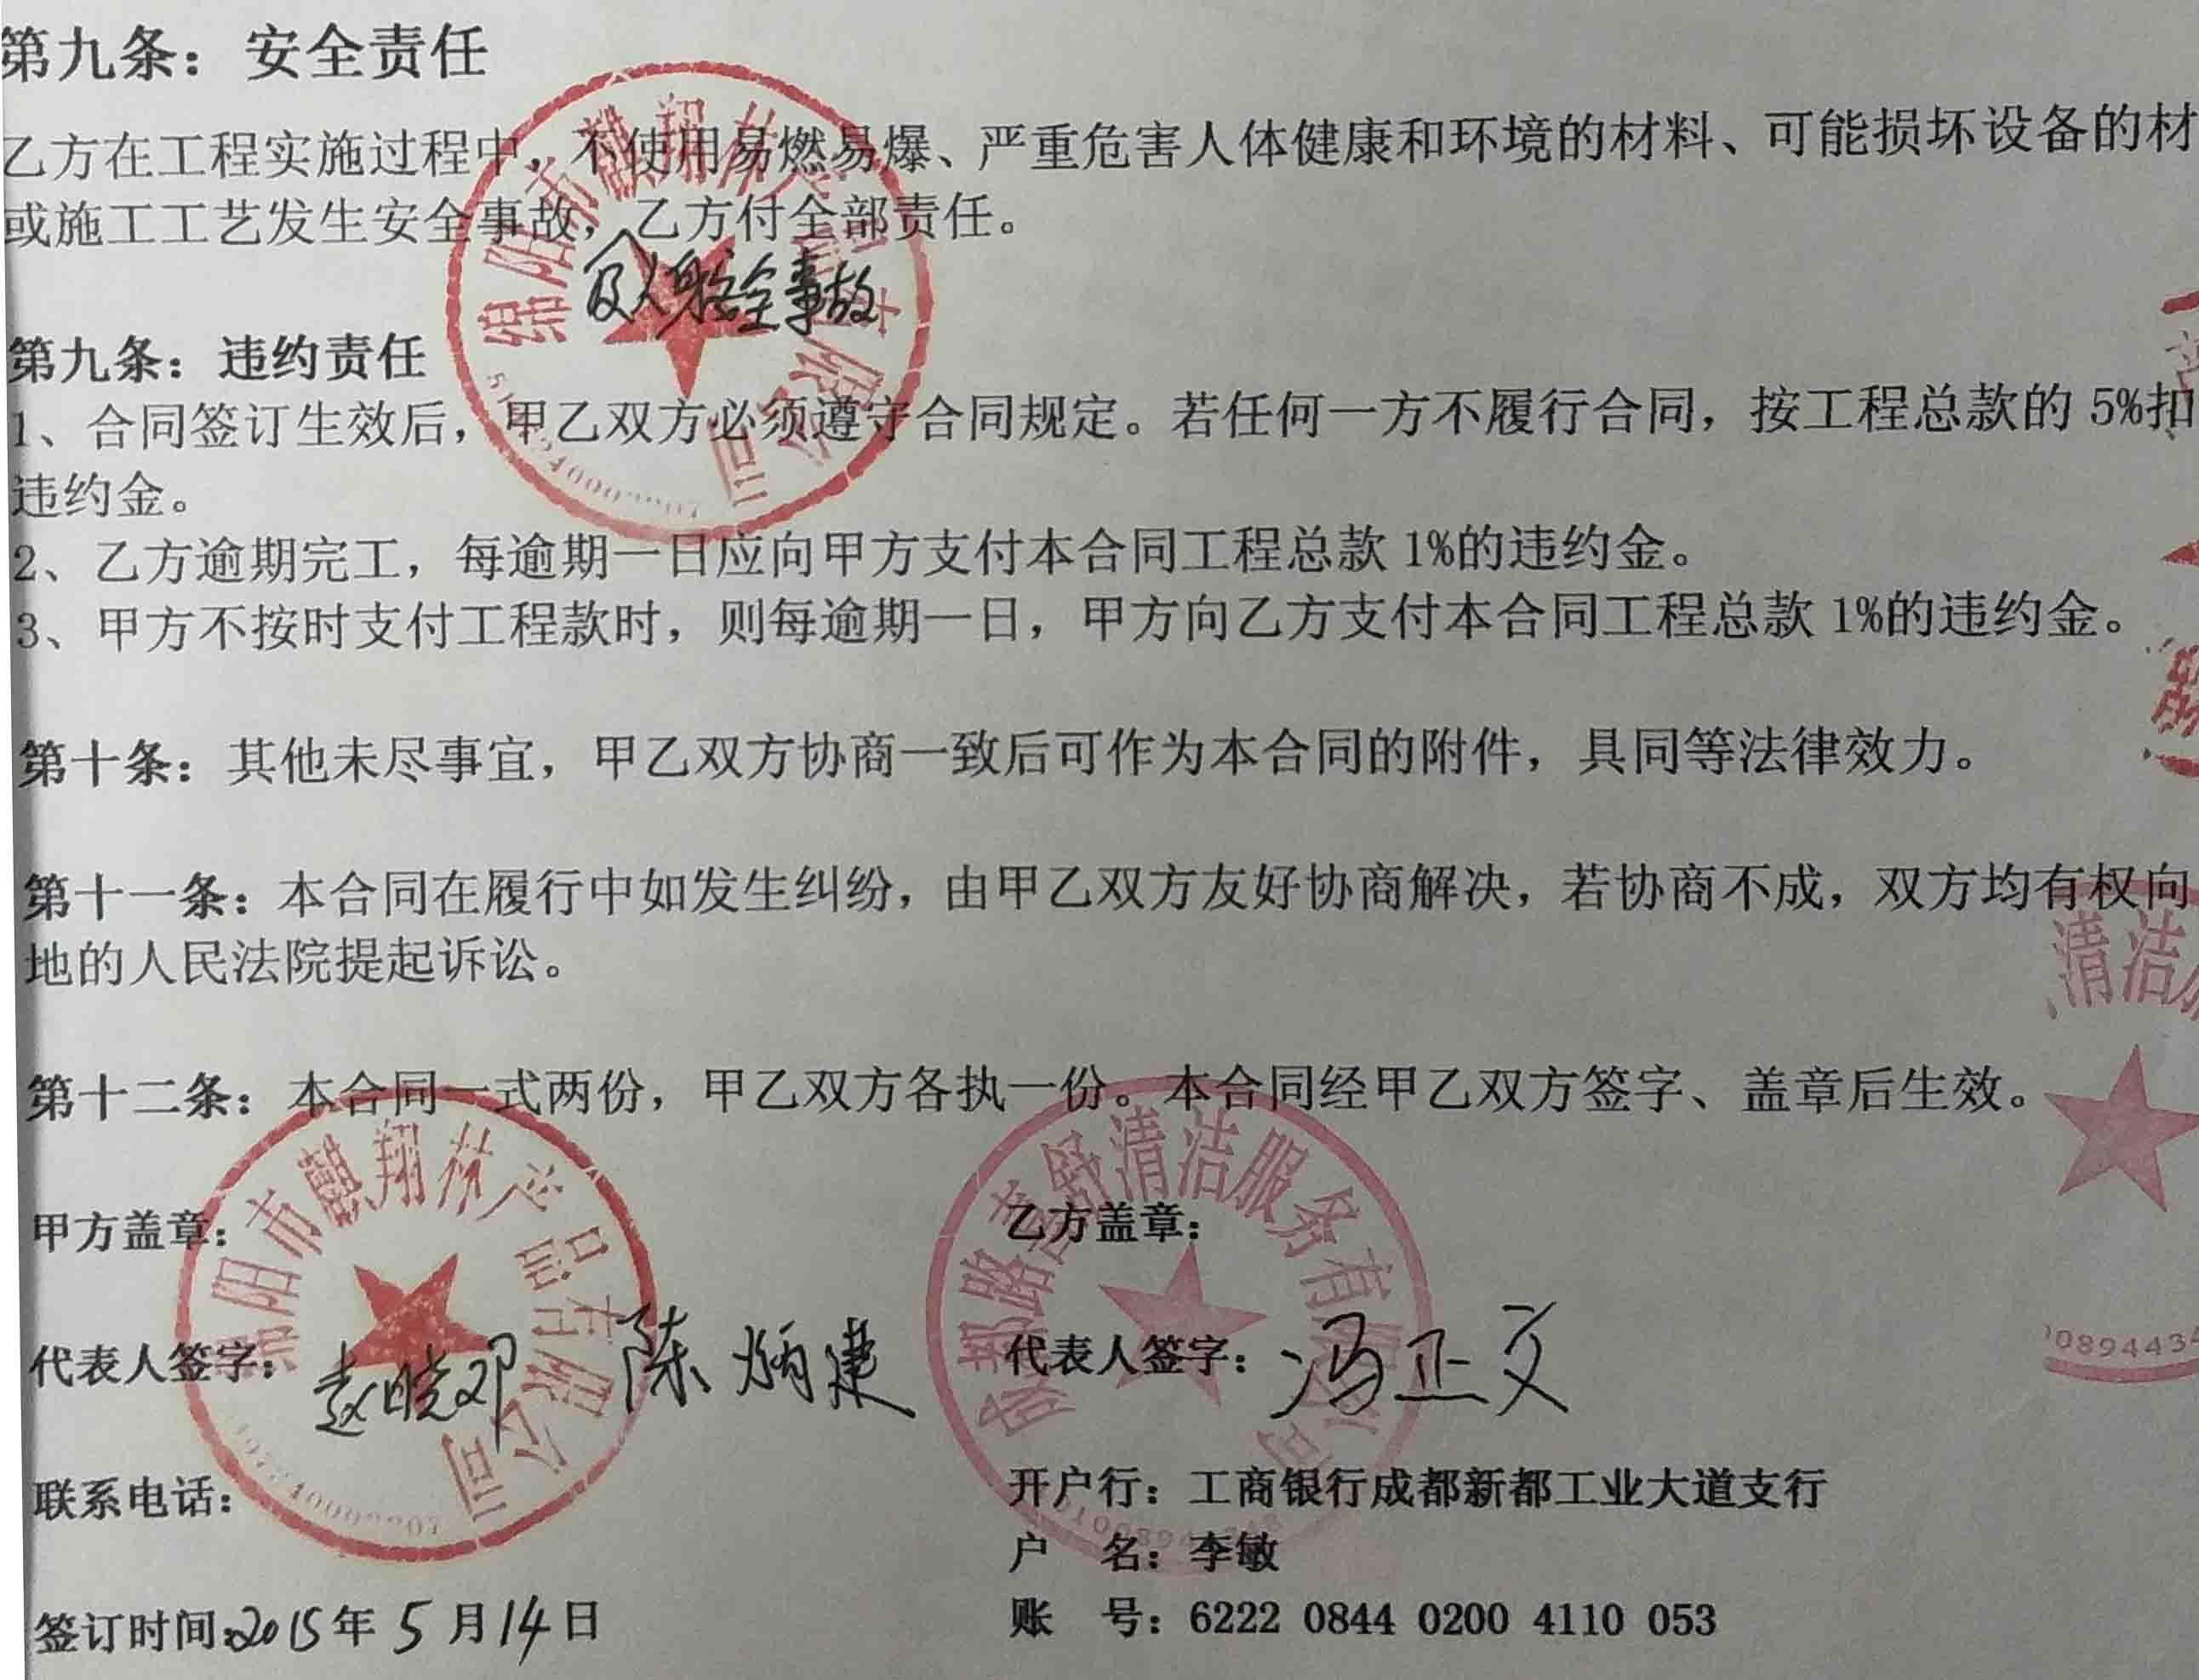 绵阳市麒翔林产品有限公司导热油炉积碳清洗